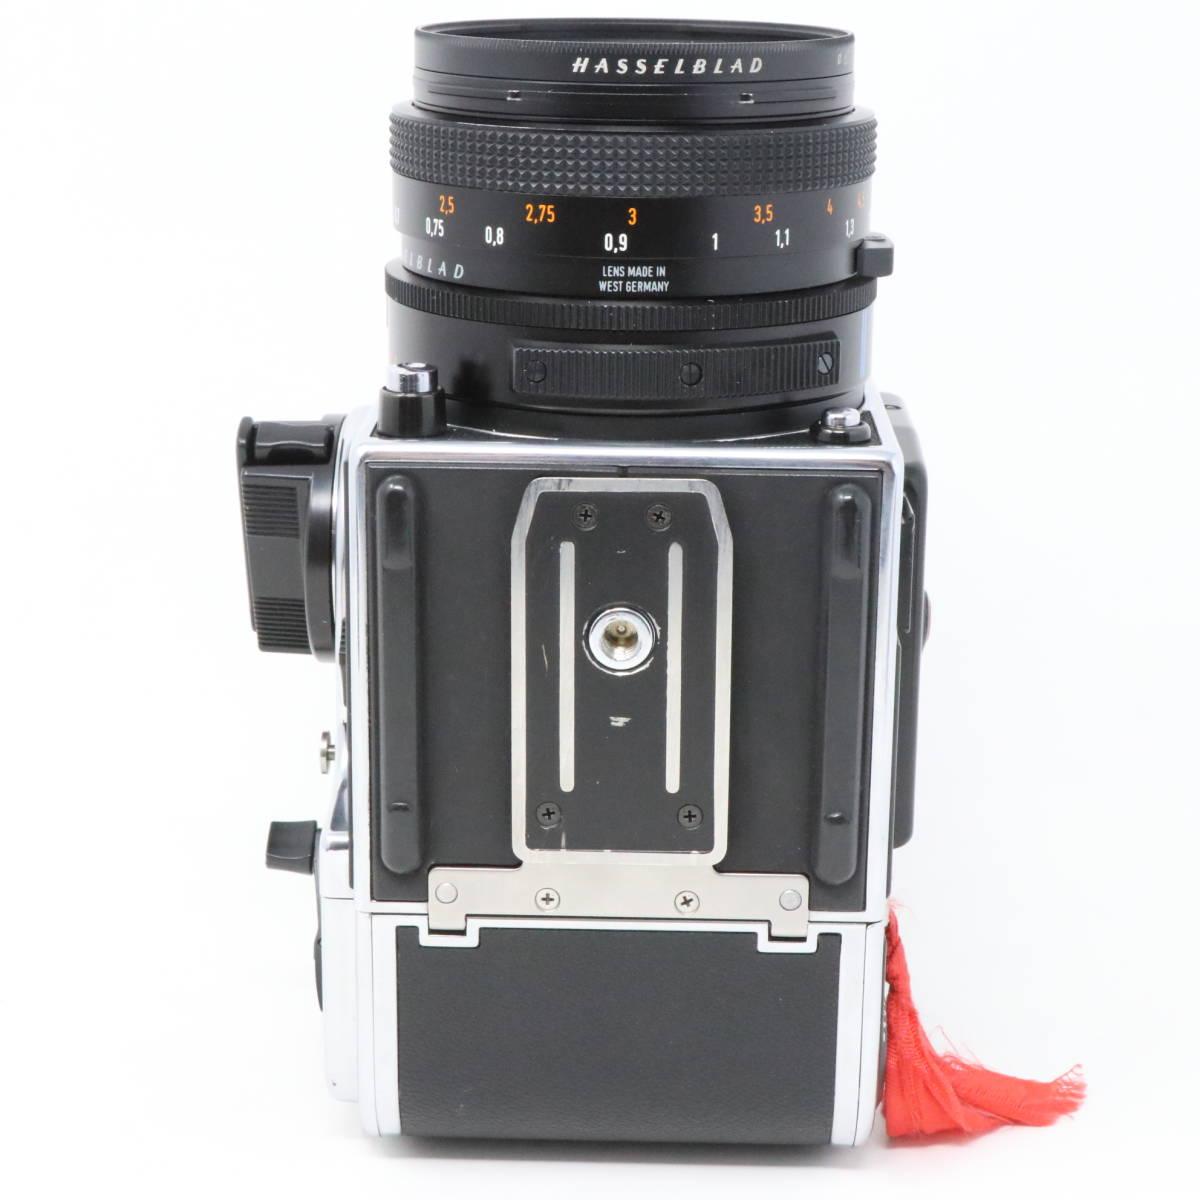 【中古良品完動品】 HASSELBLAD ハッセルブラッド 中判一眼レフカメラ ☆205TCC CarlZeiss Planar F 80mm F2.8 T* マガジン12TCC +16TCC付_画像3